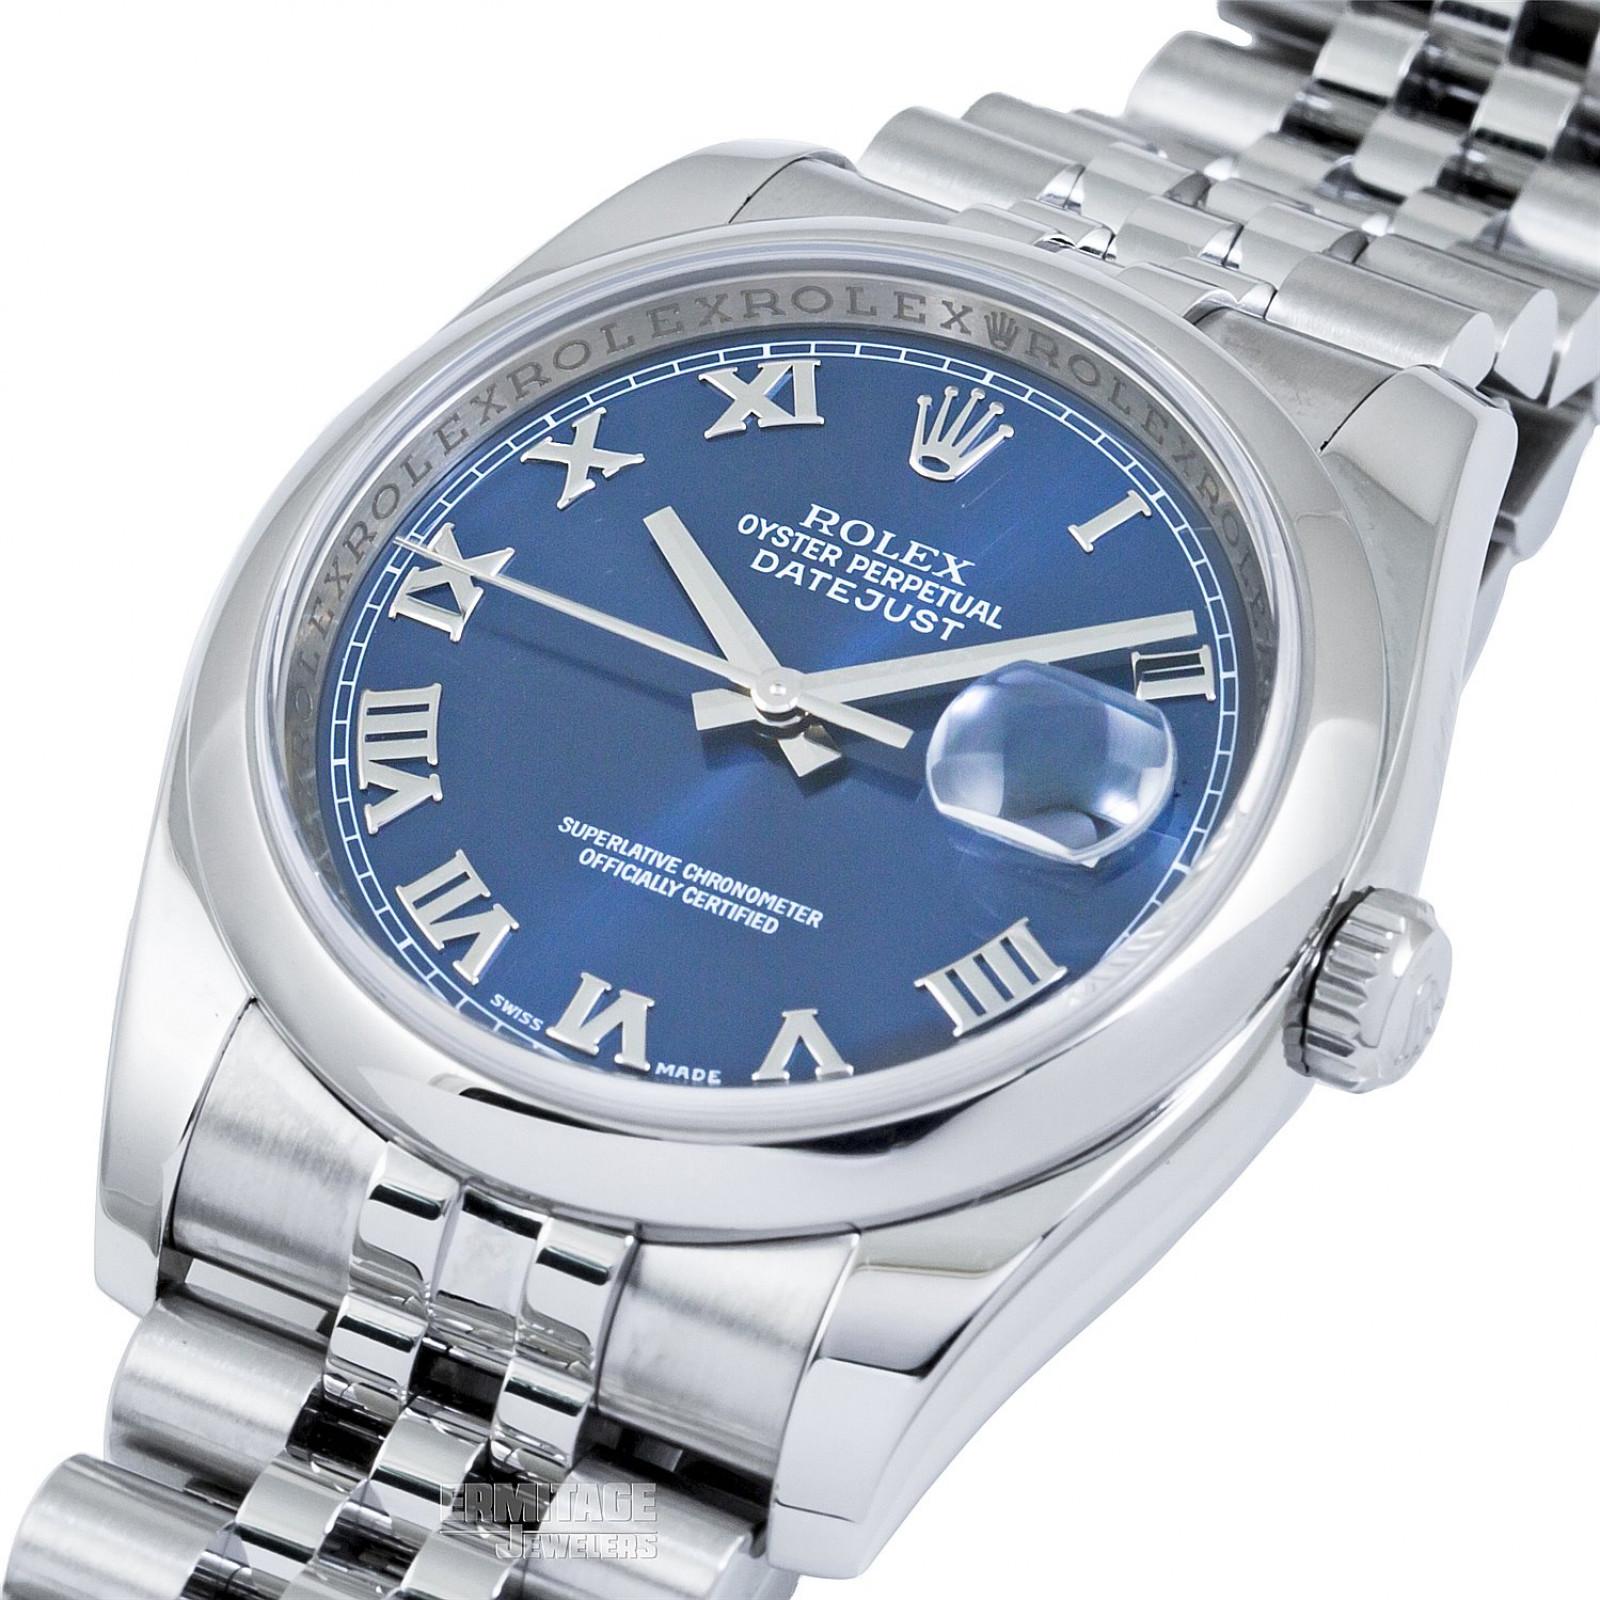 2009 Blue Rolex Datejust Ref. 116200